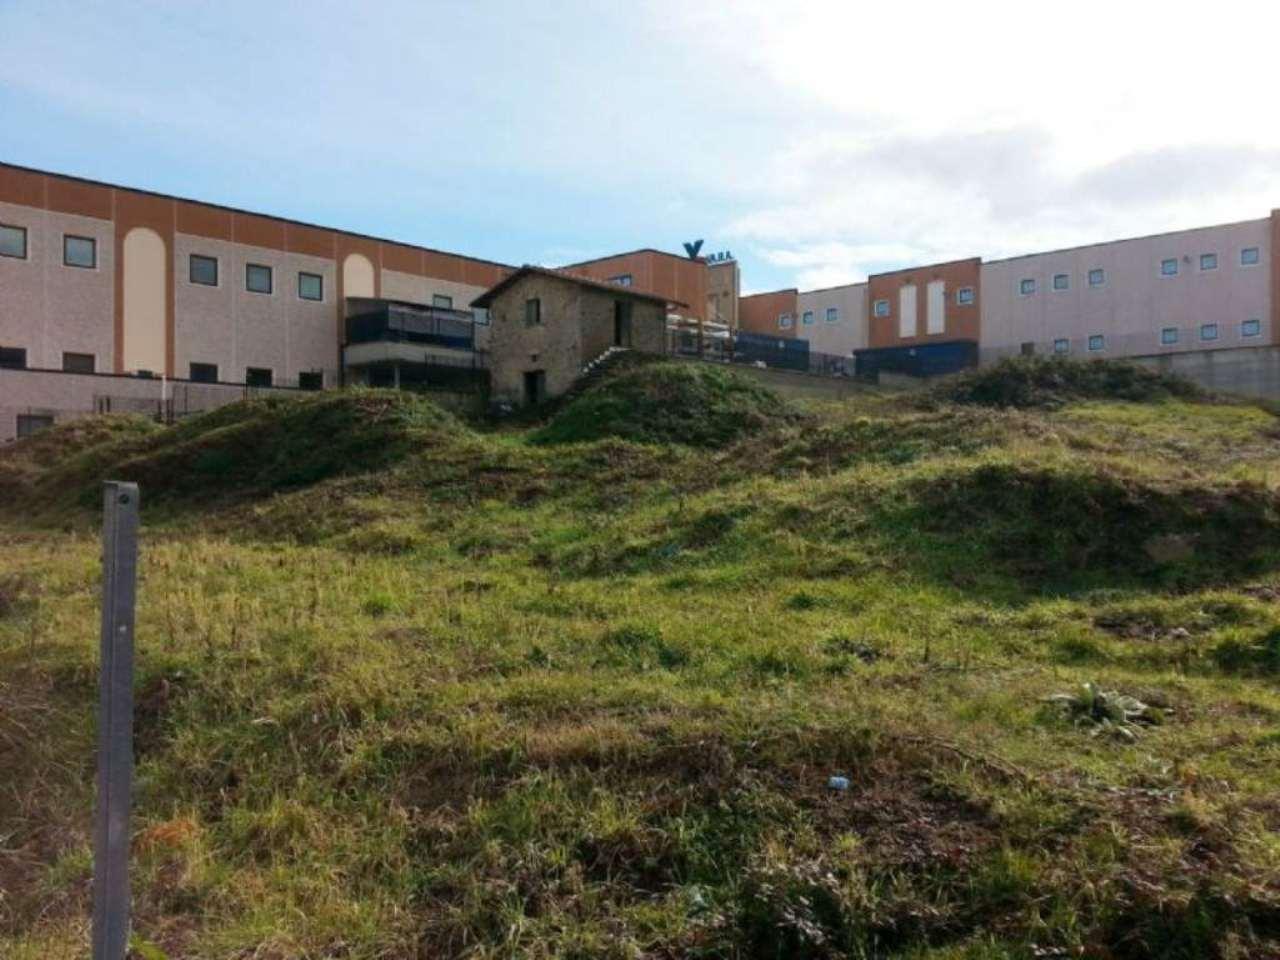 Terreno Edificabile Artigianale in vendita a San Cesareo, 1 locali, prezzo € 262.000 | Cambio Casa.it